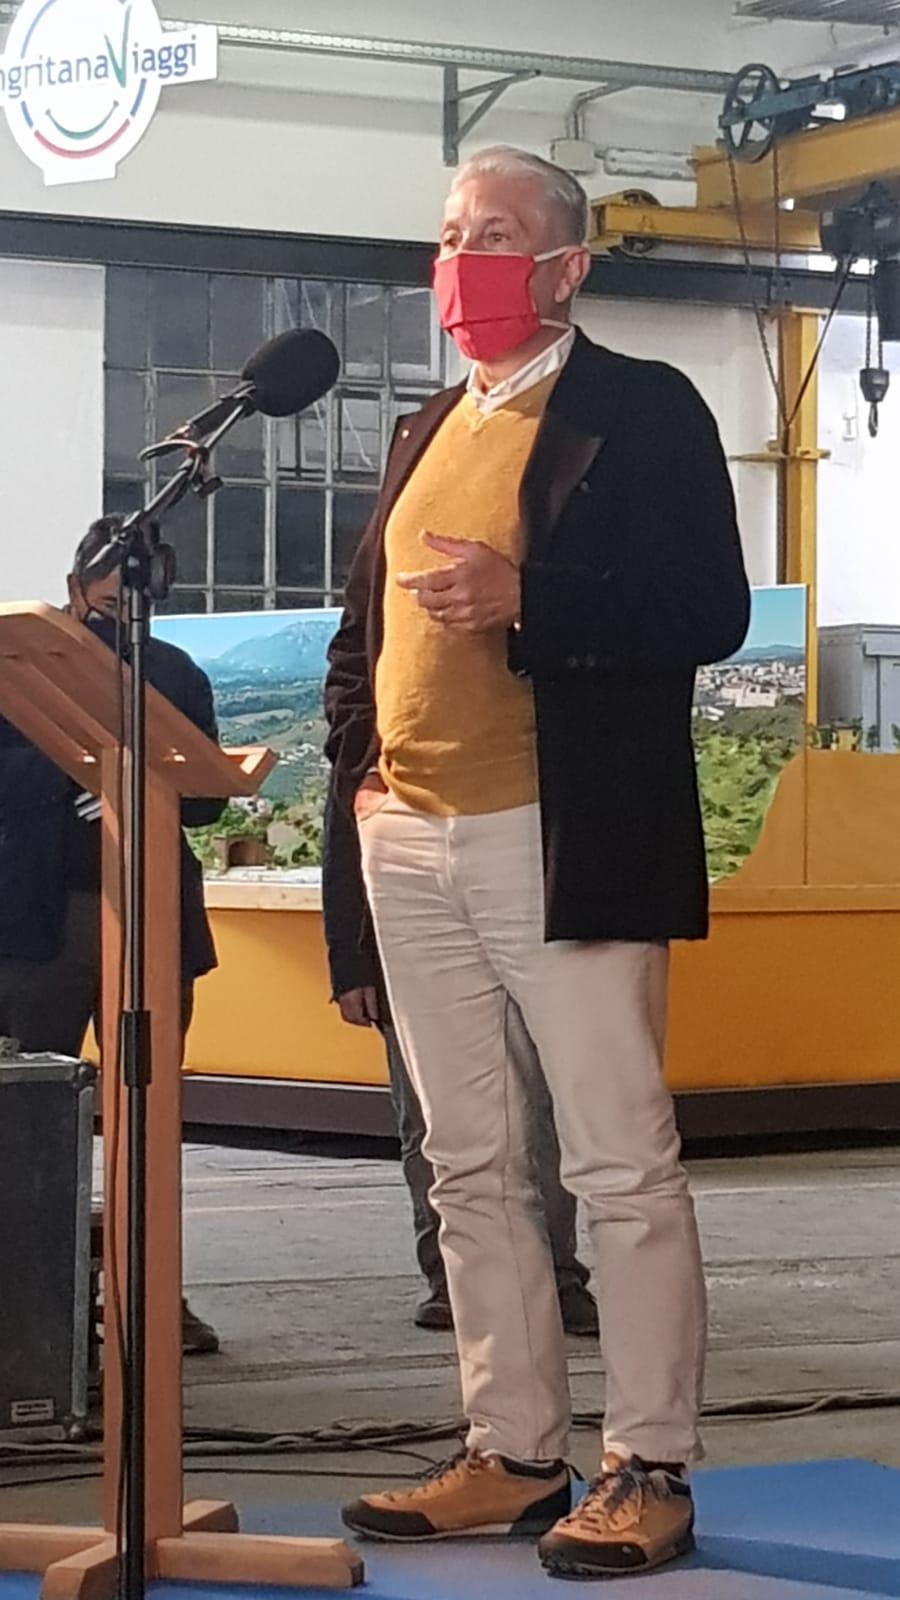 Stefano Asaro membro del Consiglio di Amministrazione del GAL Castelli Romani e Monti Prenestini